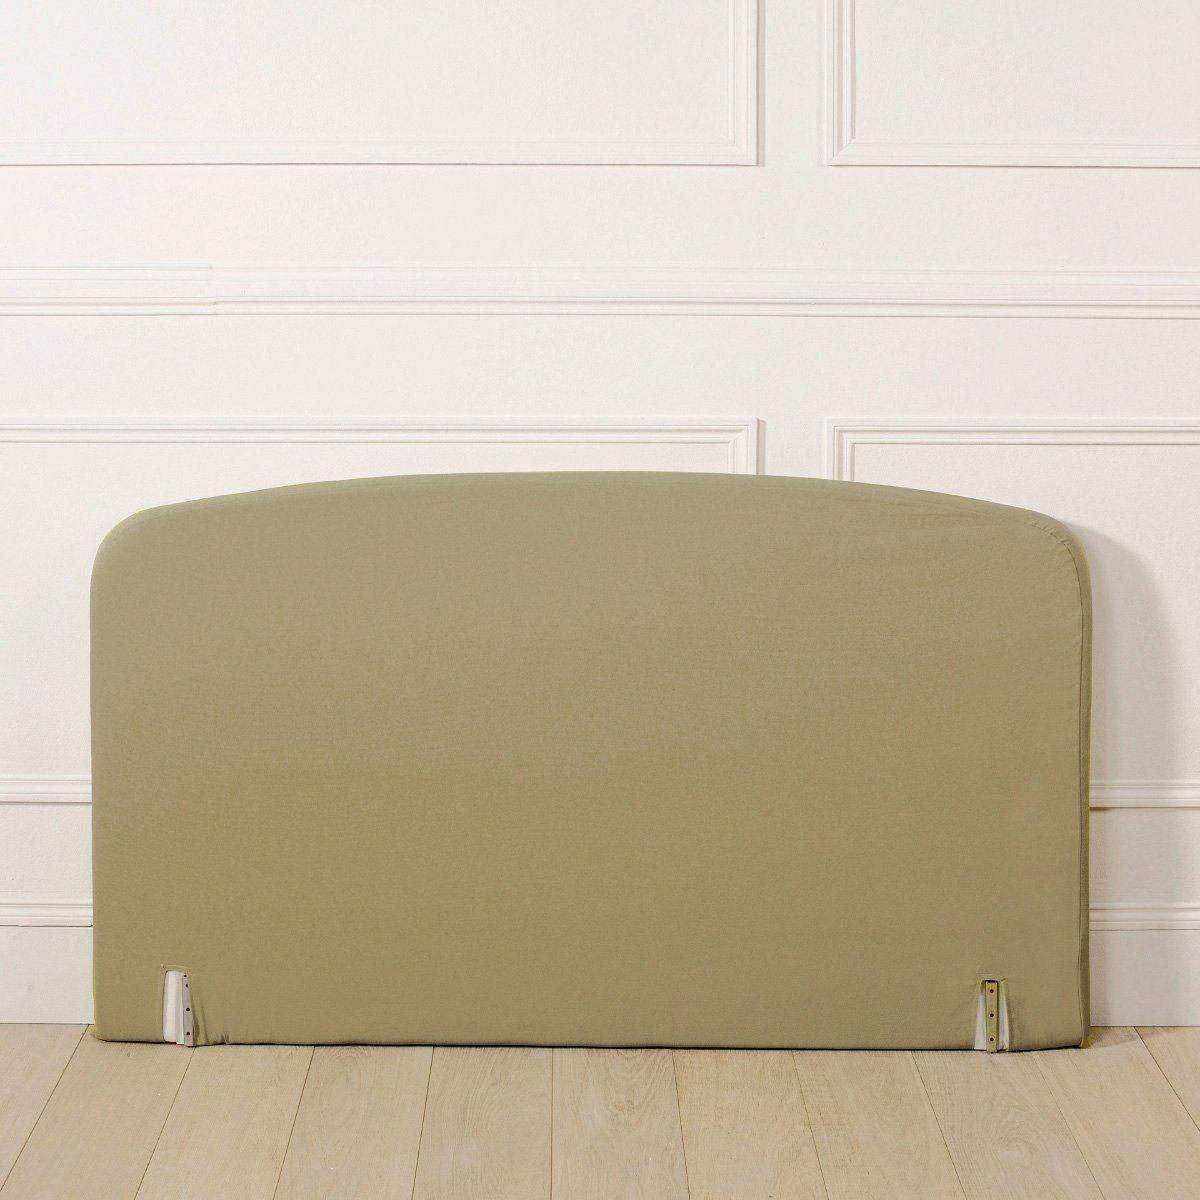 Housse pour tête de lit, forme galbée